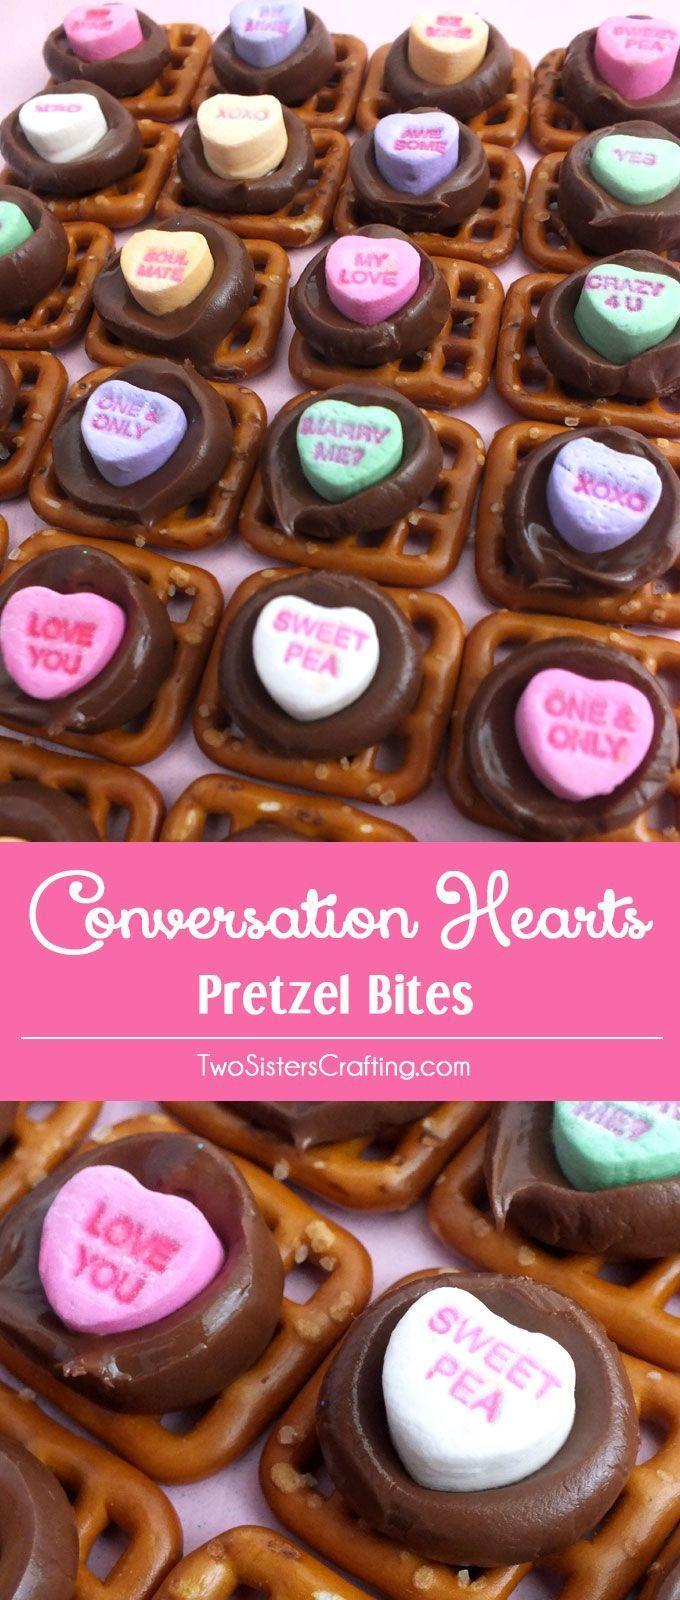 Conversation Hearts Pretzel Bites | Recipe | Pretzel, Food ideas ...